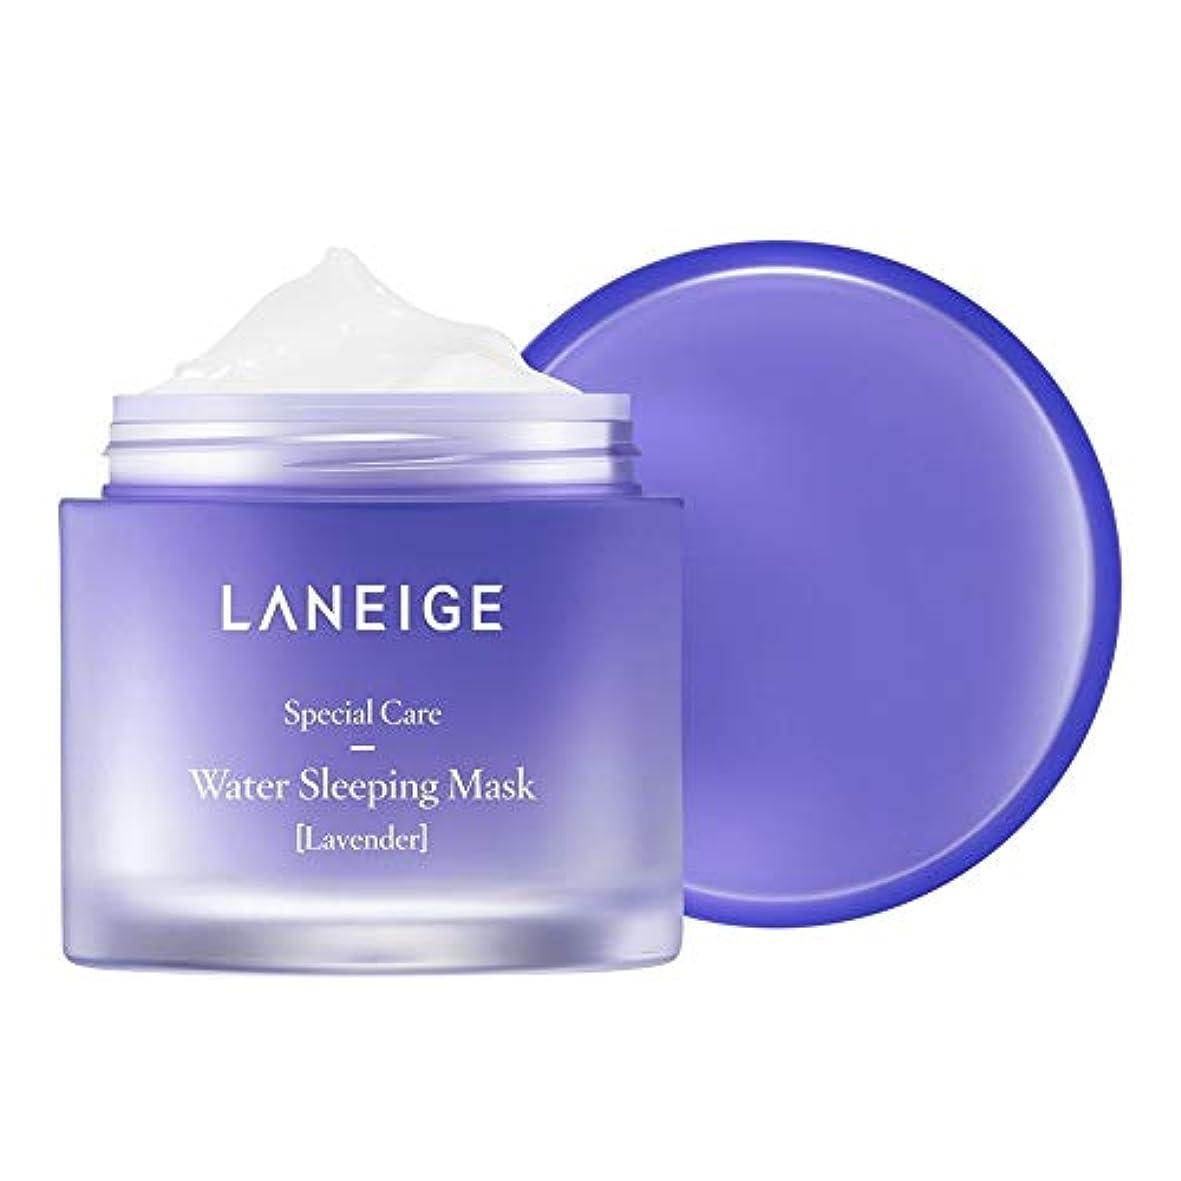 戻す関係する塊LANEIGE ラネージュ ウォータースリーピング マスク ラベンダー2017 New リフィルミーバージョン 70ml Water Sleeping Mask 2017 Lavender [海外直送品]